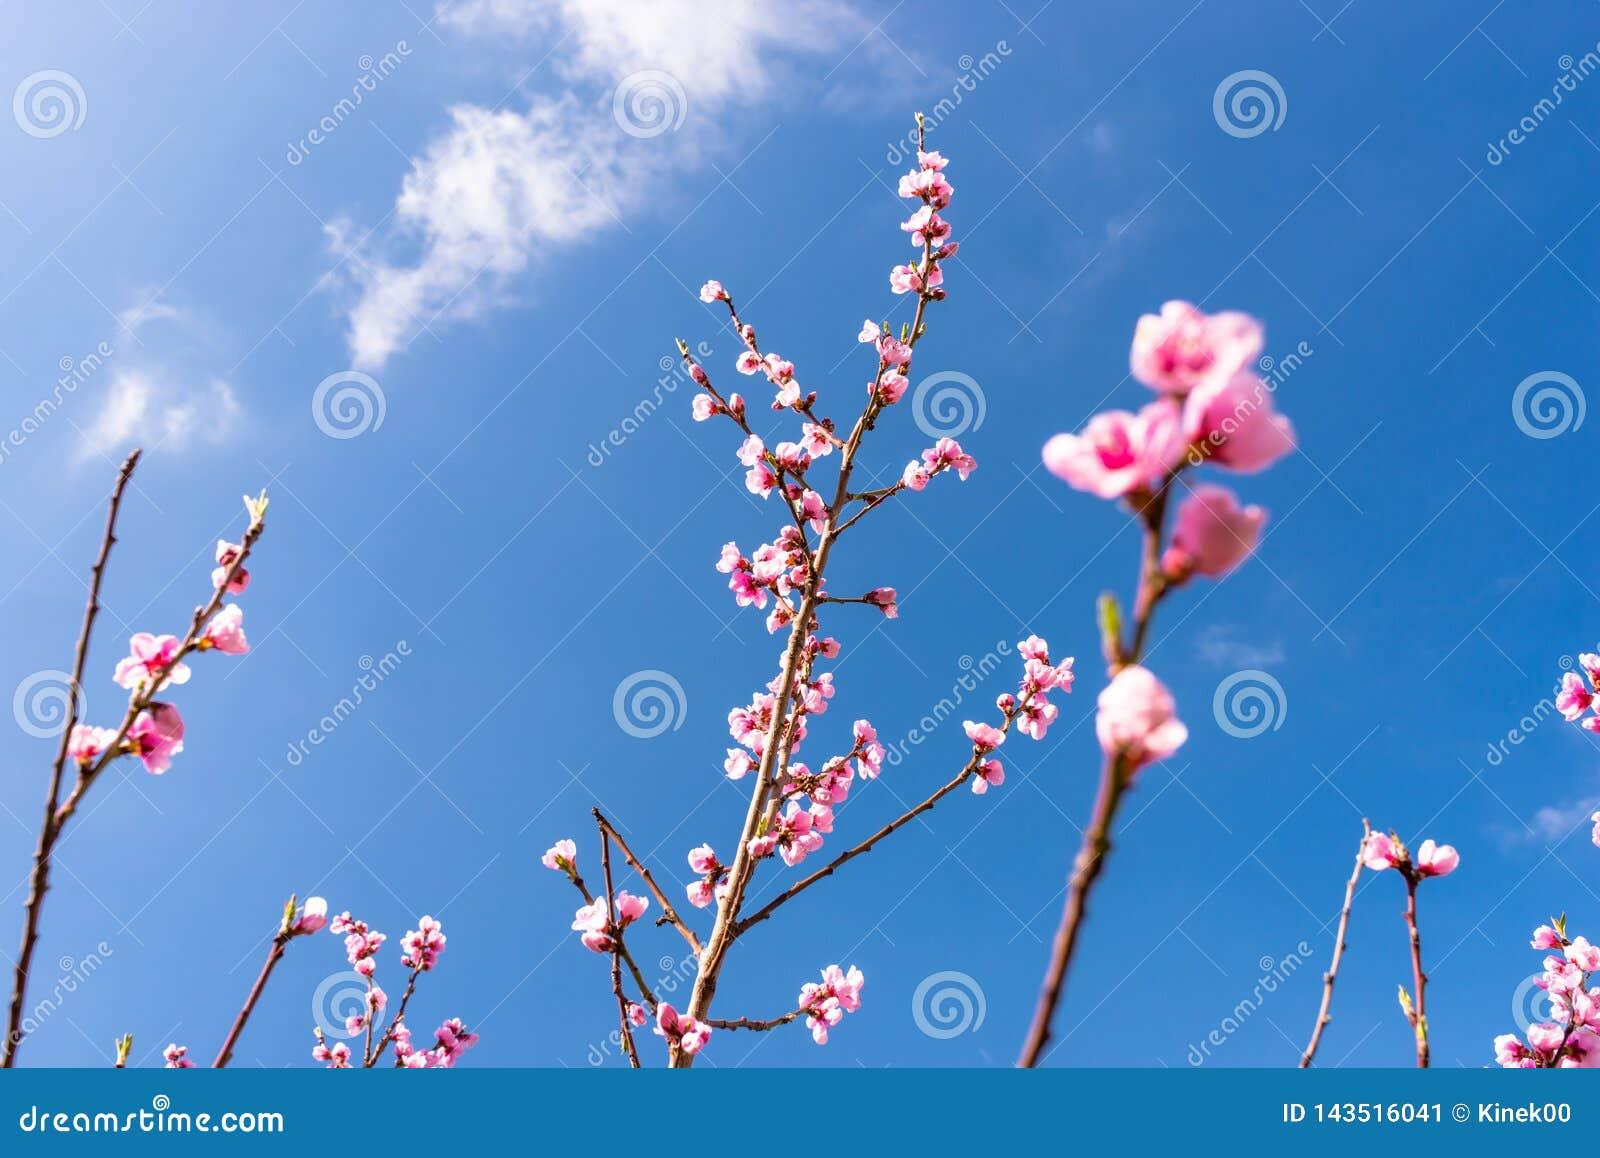 De rijpende kers komt op een boom tot bloei tegen de achtergrond van een blauw, de lentehemel